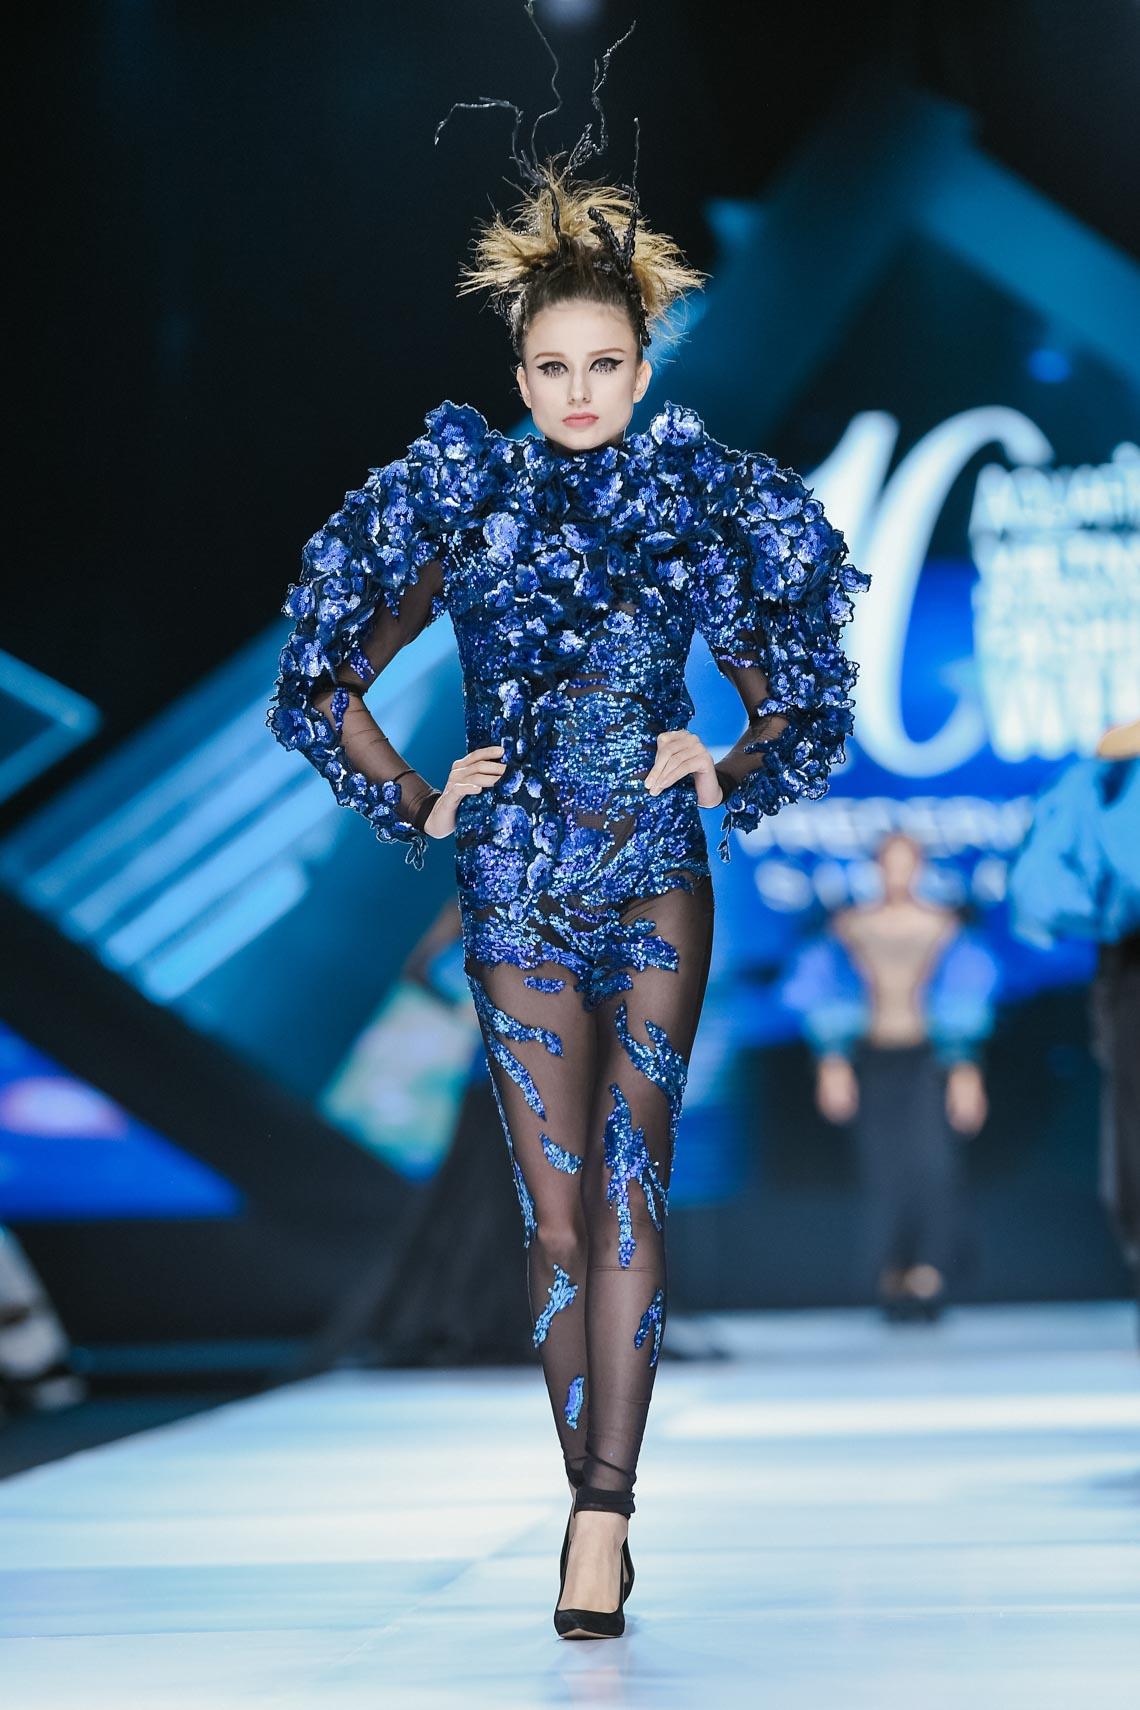 Siêu mẫu Thanh Hằng trong BST mới nhất của Frederick Lee trên sàn diễn Tuần lễ Thời trang Quốc tế Việt Nam Thu Đông 2019 - 5